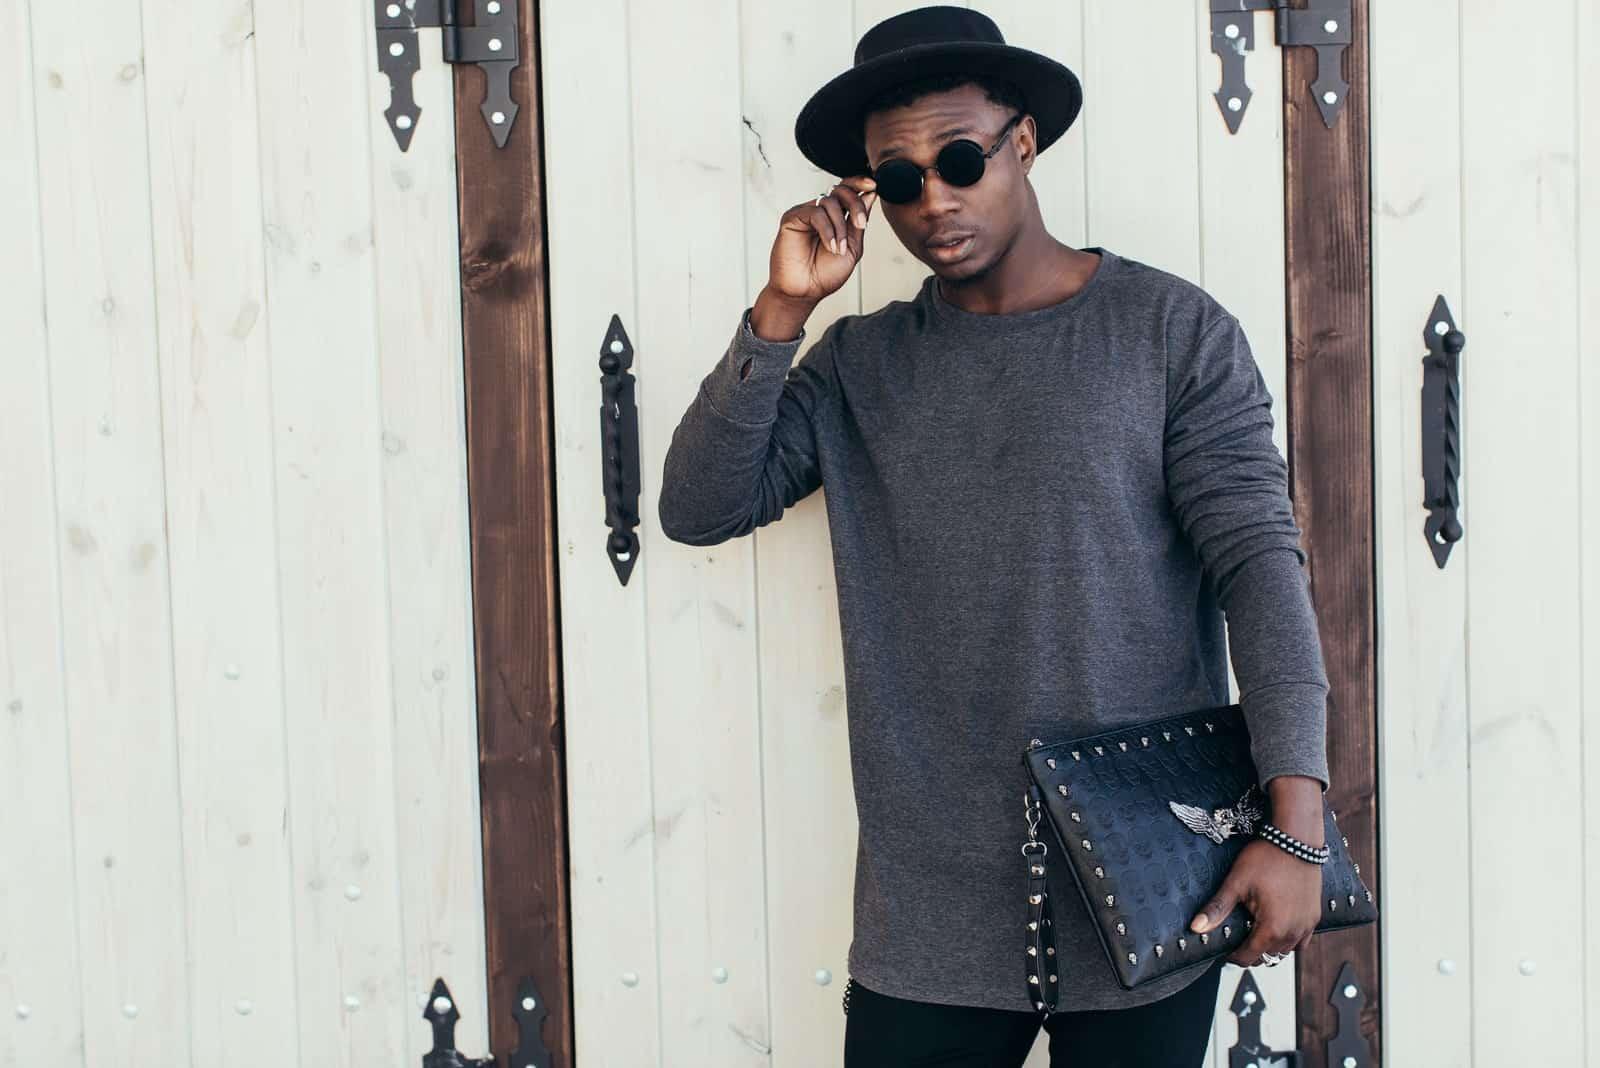 Mann mit Sonnenbrille und Hut in der Nähe einer Wand